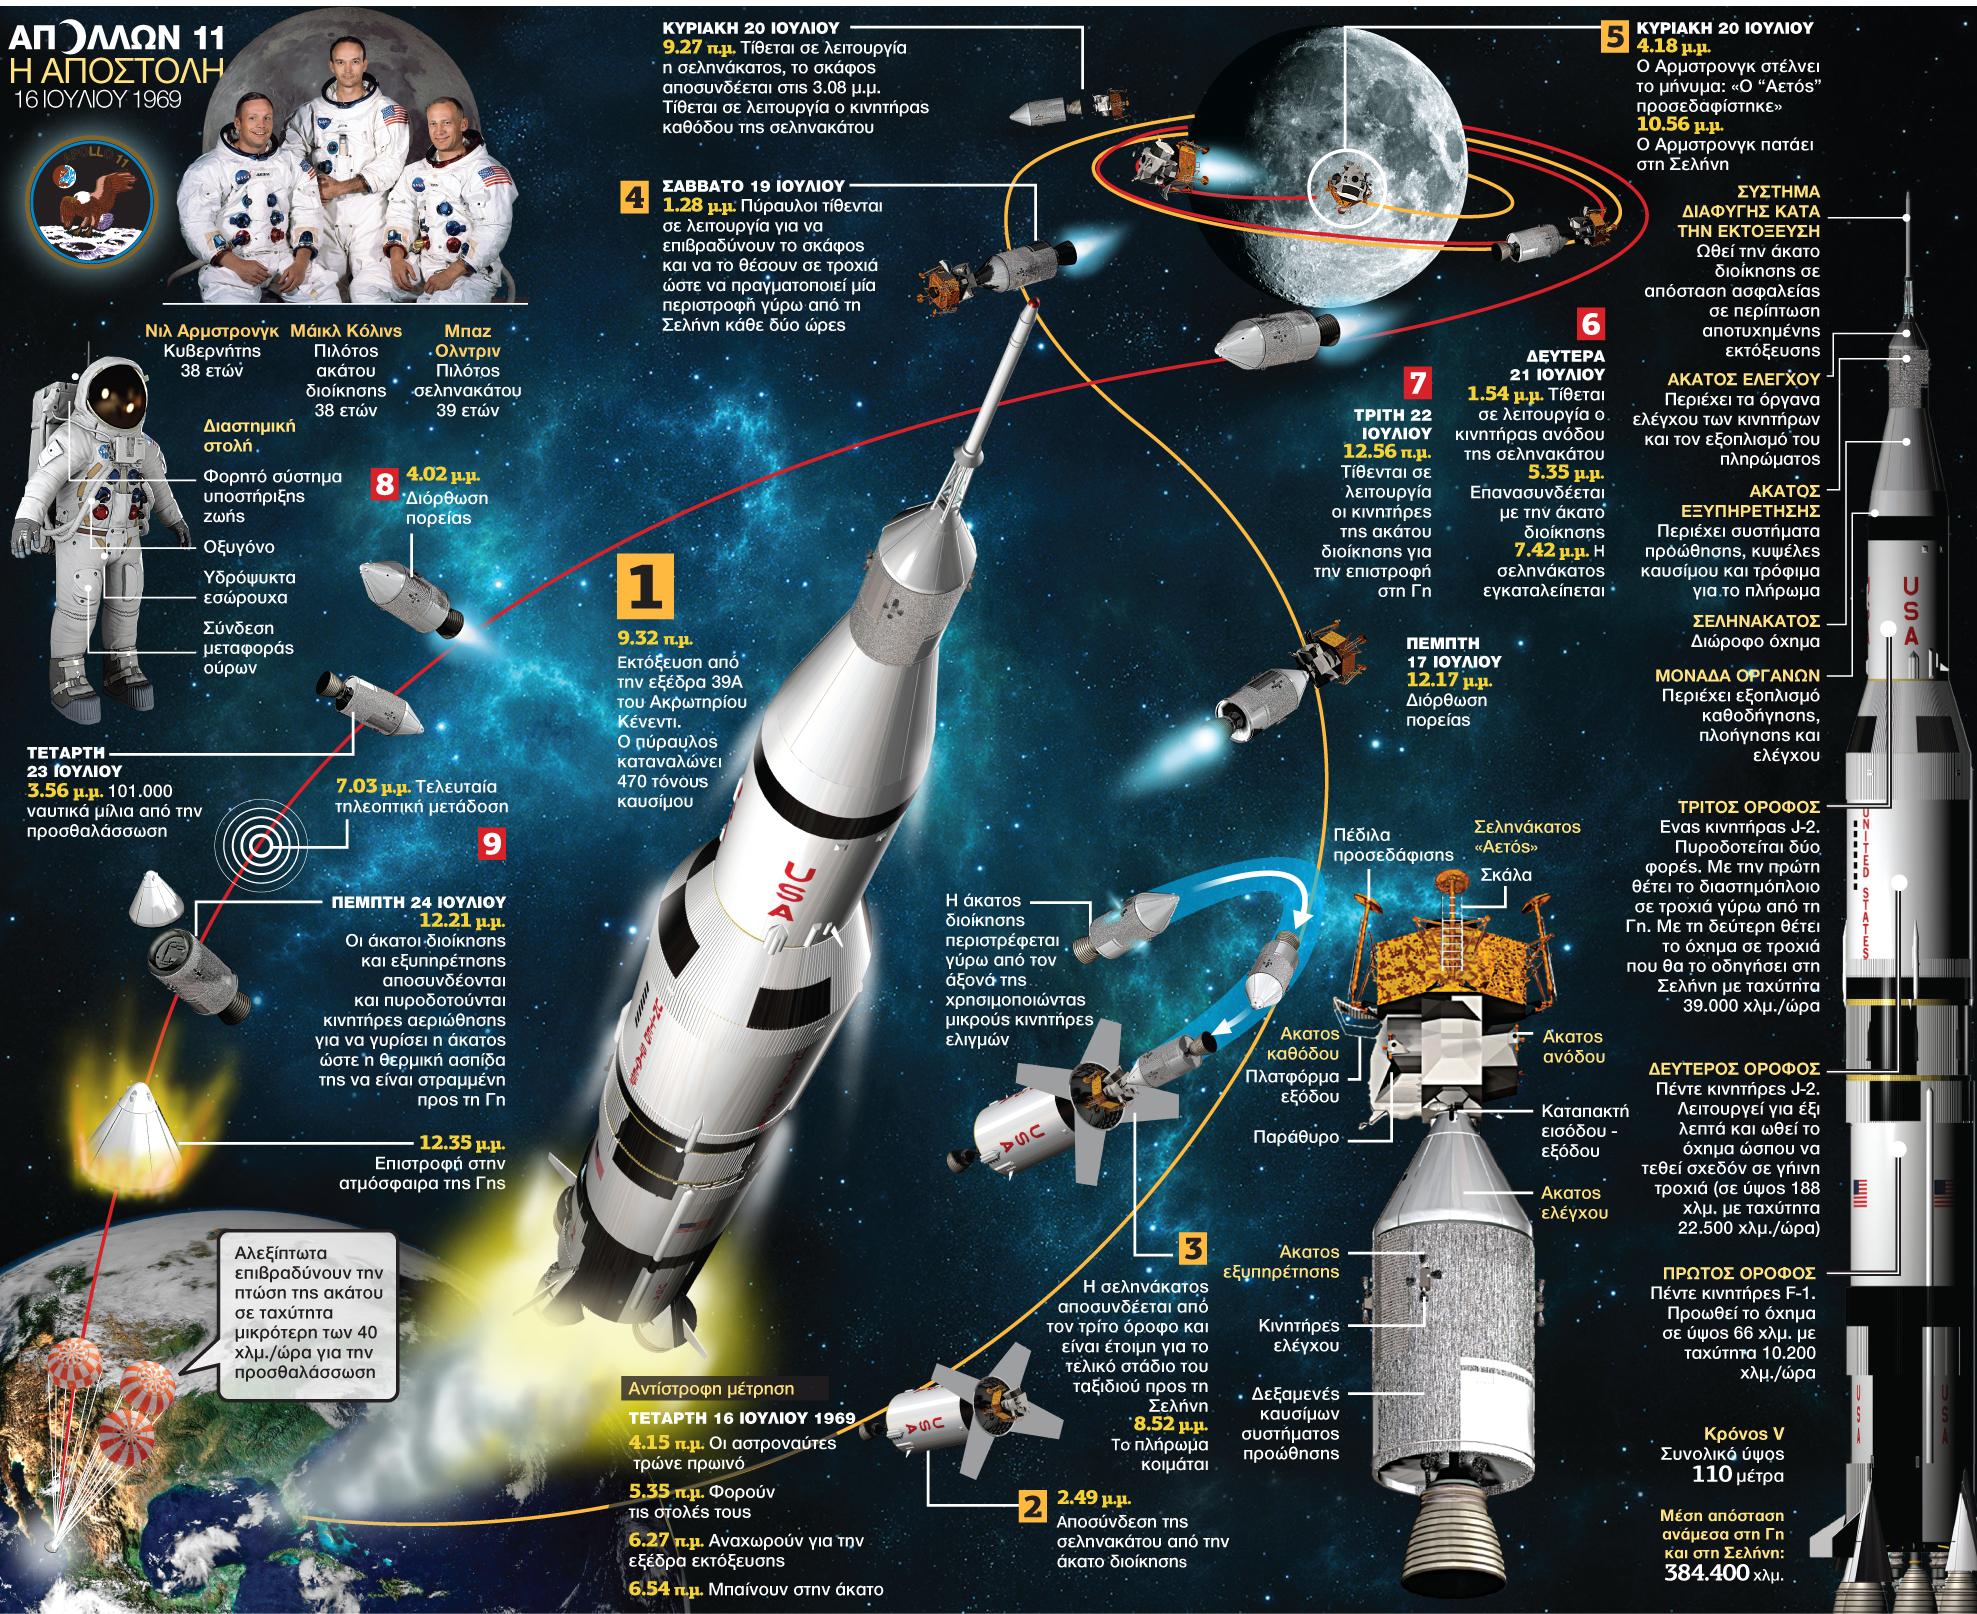 Apollo 11 #14